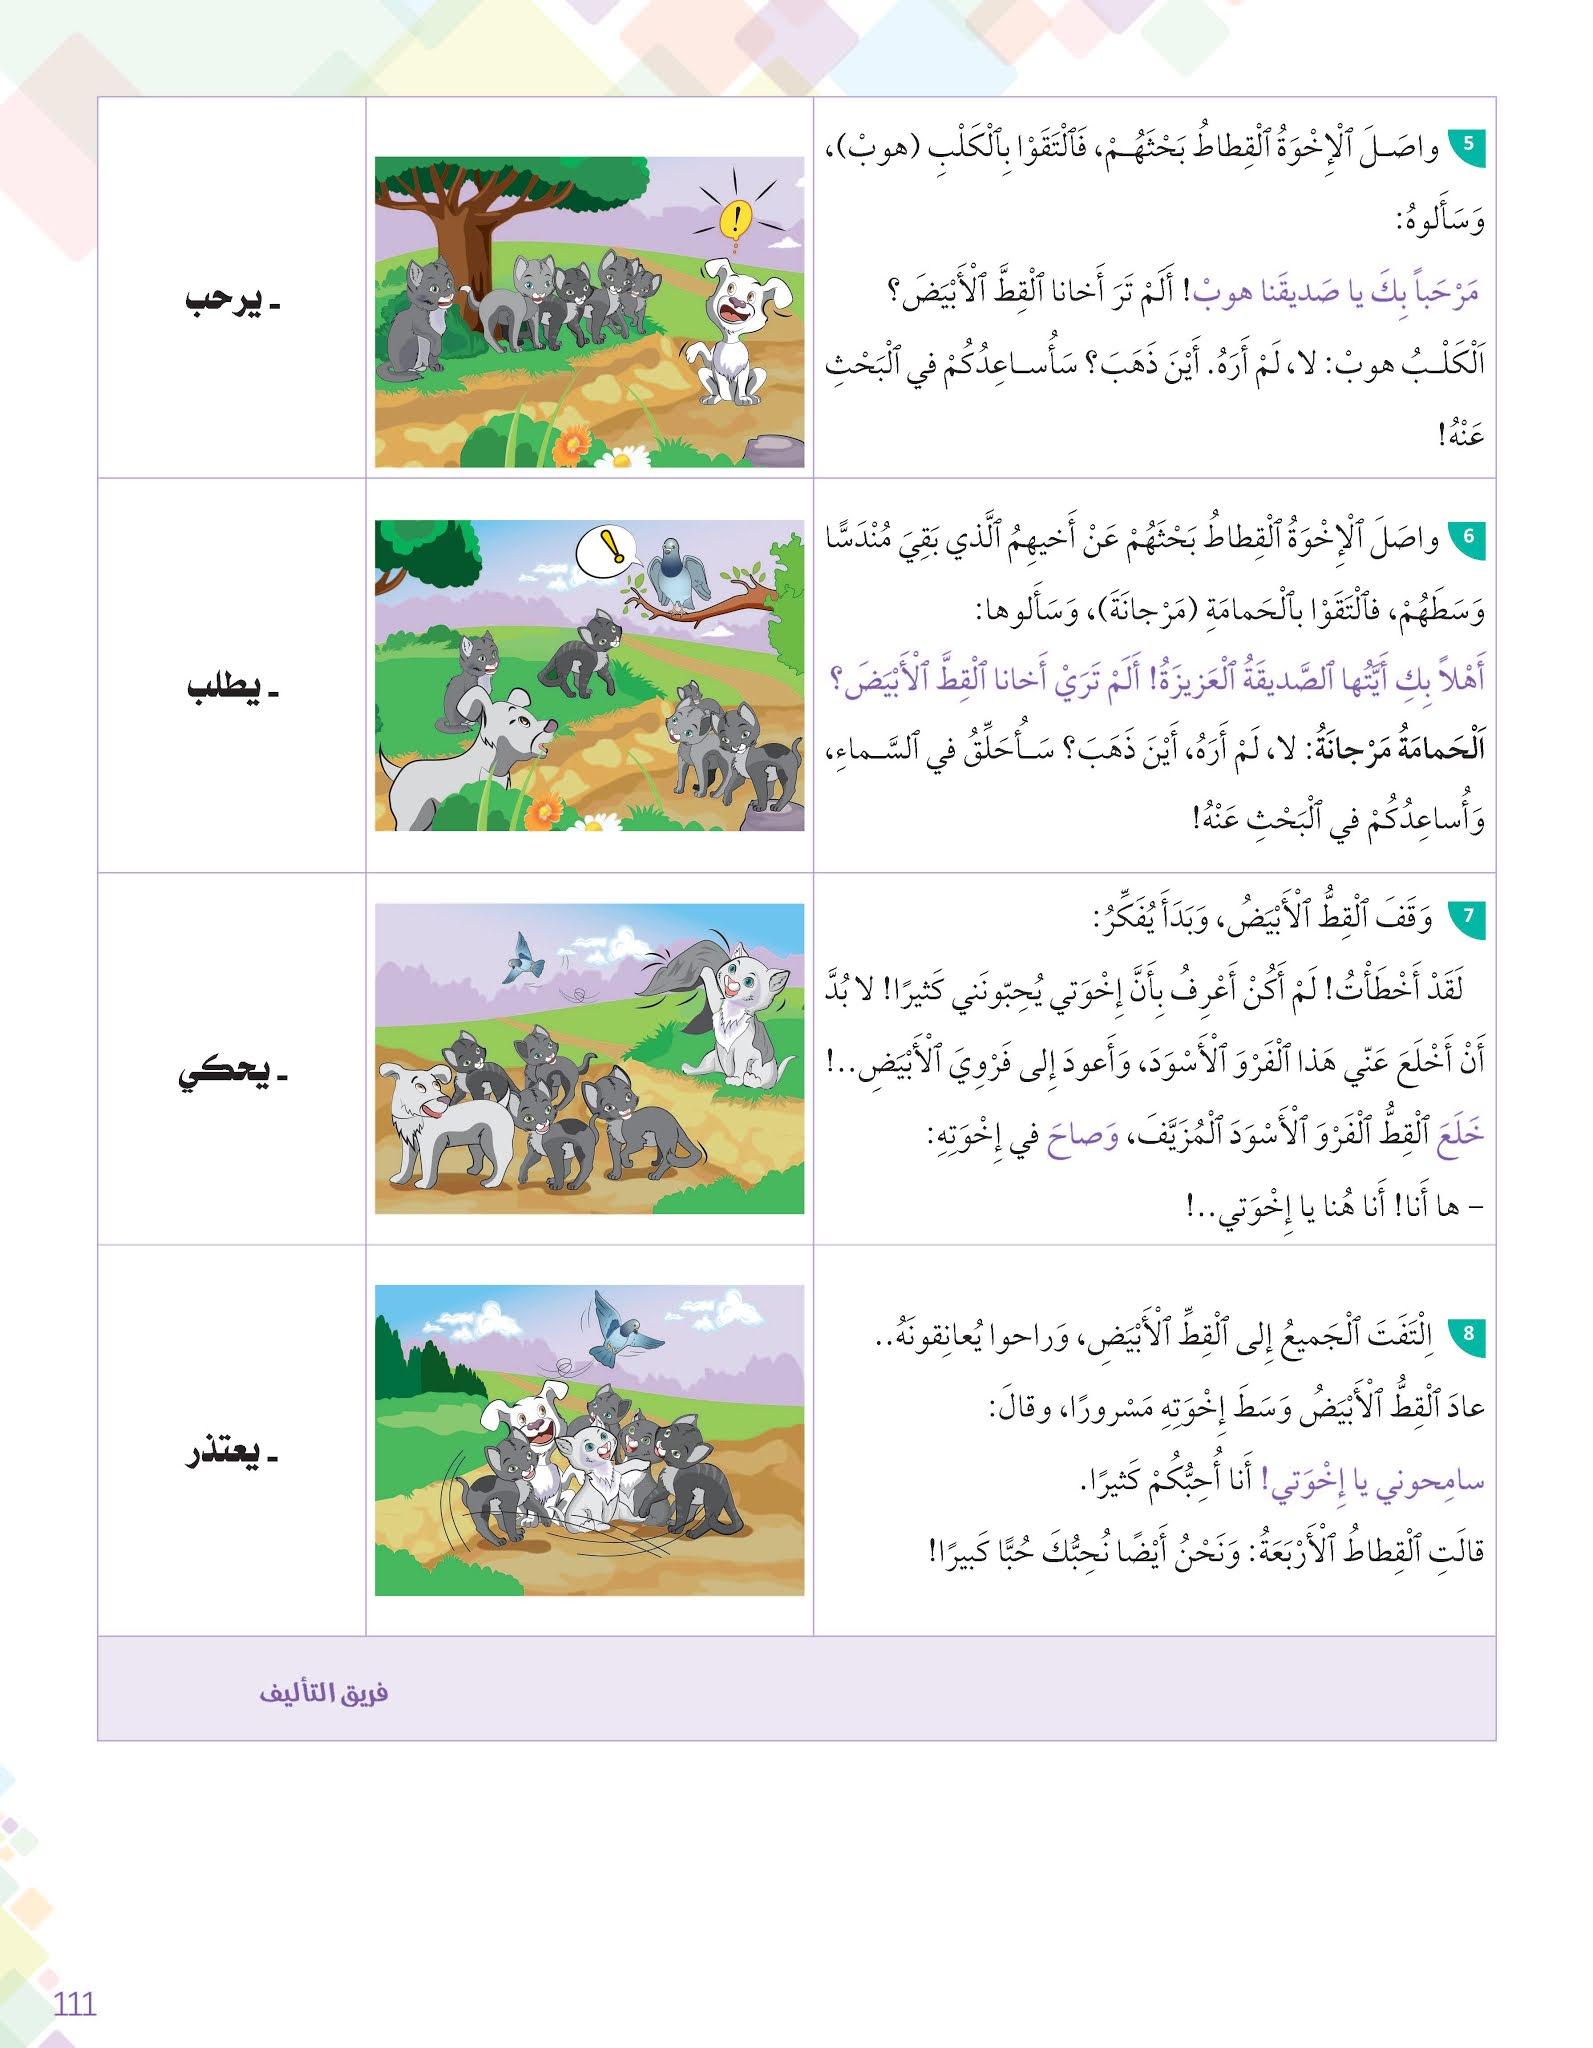 حكاية الإخوة القطاط المستوى الثاني: تحميل+نص الحكاية